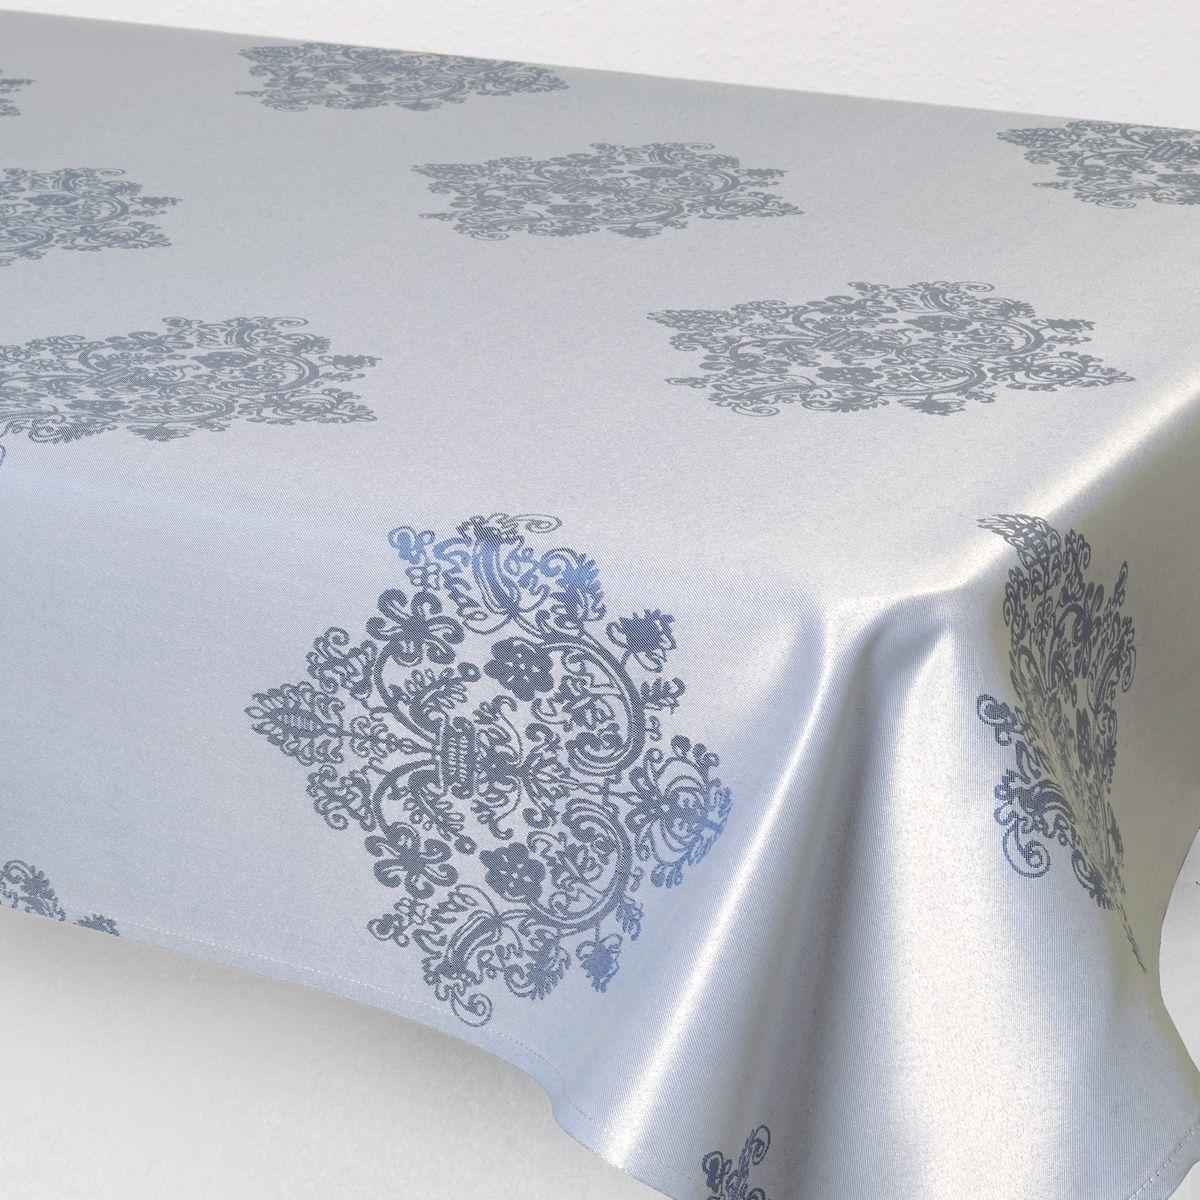 Скатерть Schaefer, прямоугольная, цвет: серый, 130 х 160 см. 07811-427VT-1520(SR)Стильная скатерть Schaefer выполнена из полиэстера.Изделия из полиэстера легко стирать: они не мнутся, не садятся и быстро сохнут, они более долговечны, чем изделия из натуральных волокон.Немецкая компания Schaefer создана в 1921 году. На протяжении всего времени существования она создает уникальные коллекции домашнего текстиля для гостиных, спален, кухонь и ванных комнат. Дизайнерские идеи немецких художников компании Schaefer воплощаются в текстильных изделиях, которые сделают ваш дом красивее и уютнее и не останутся незамеченными вашими гостями. Дарите себе и близким красоту каждый день!